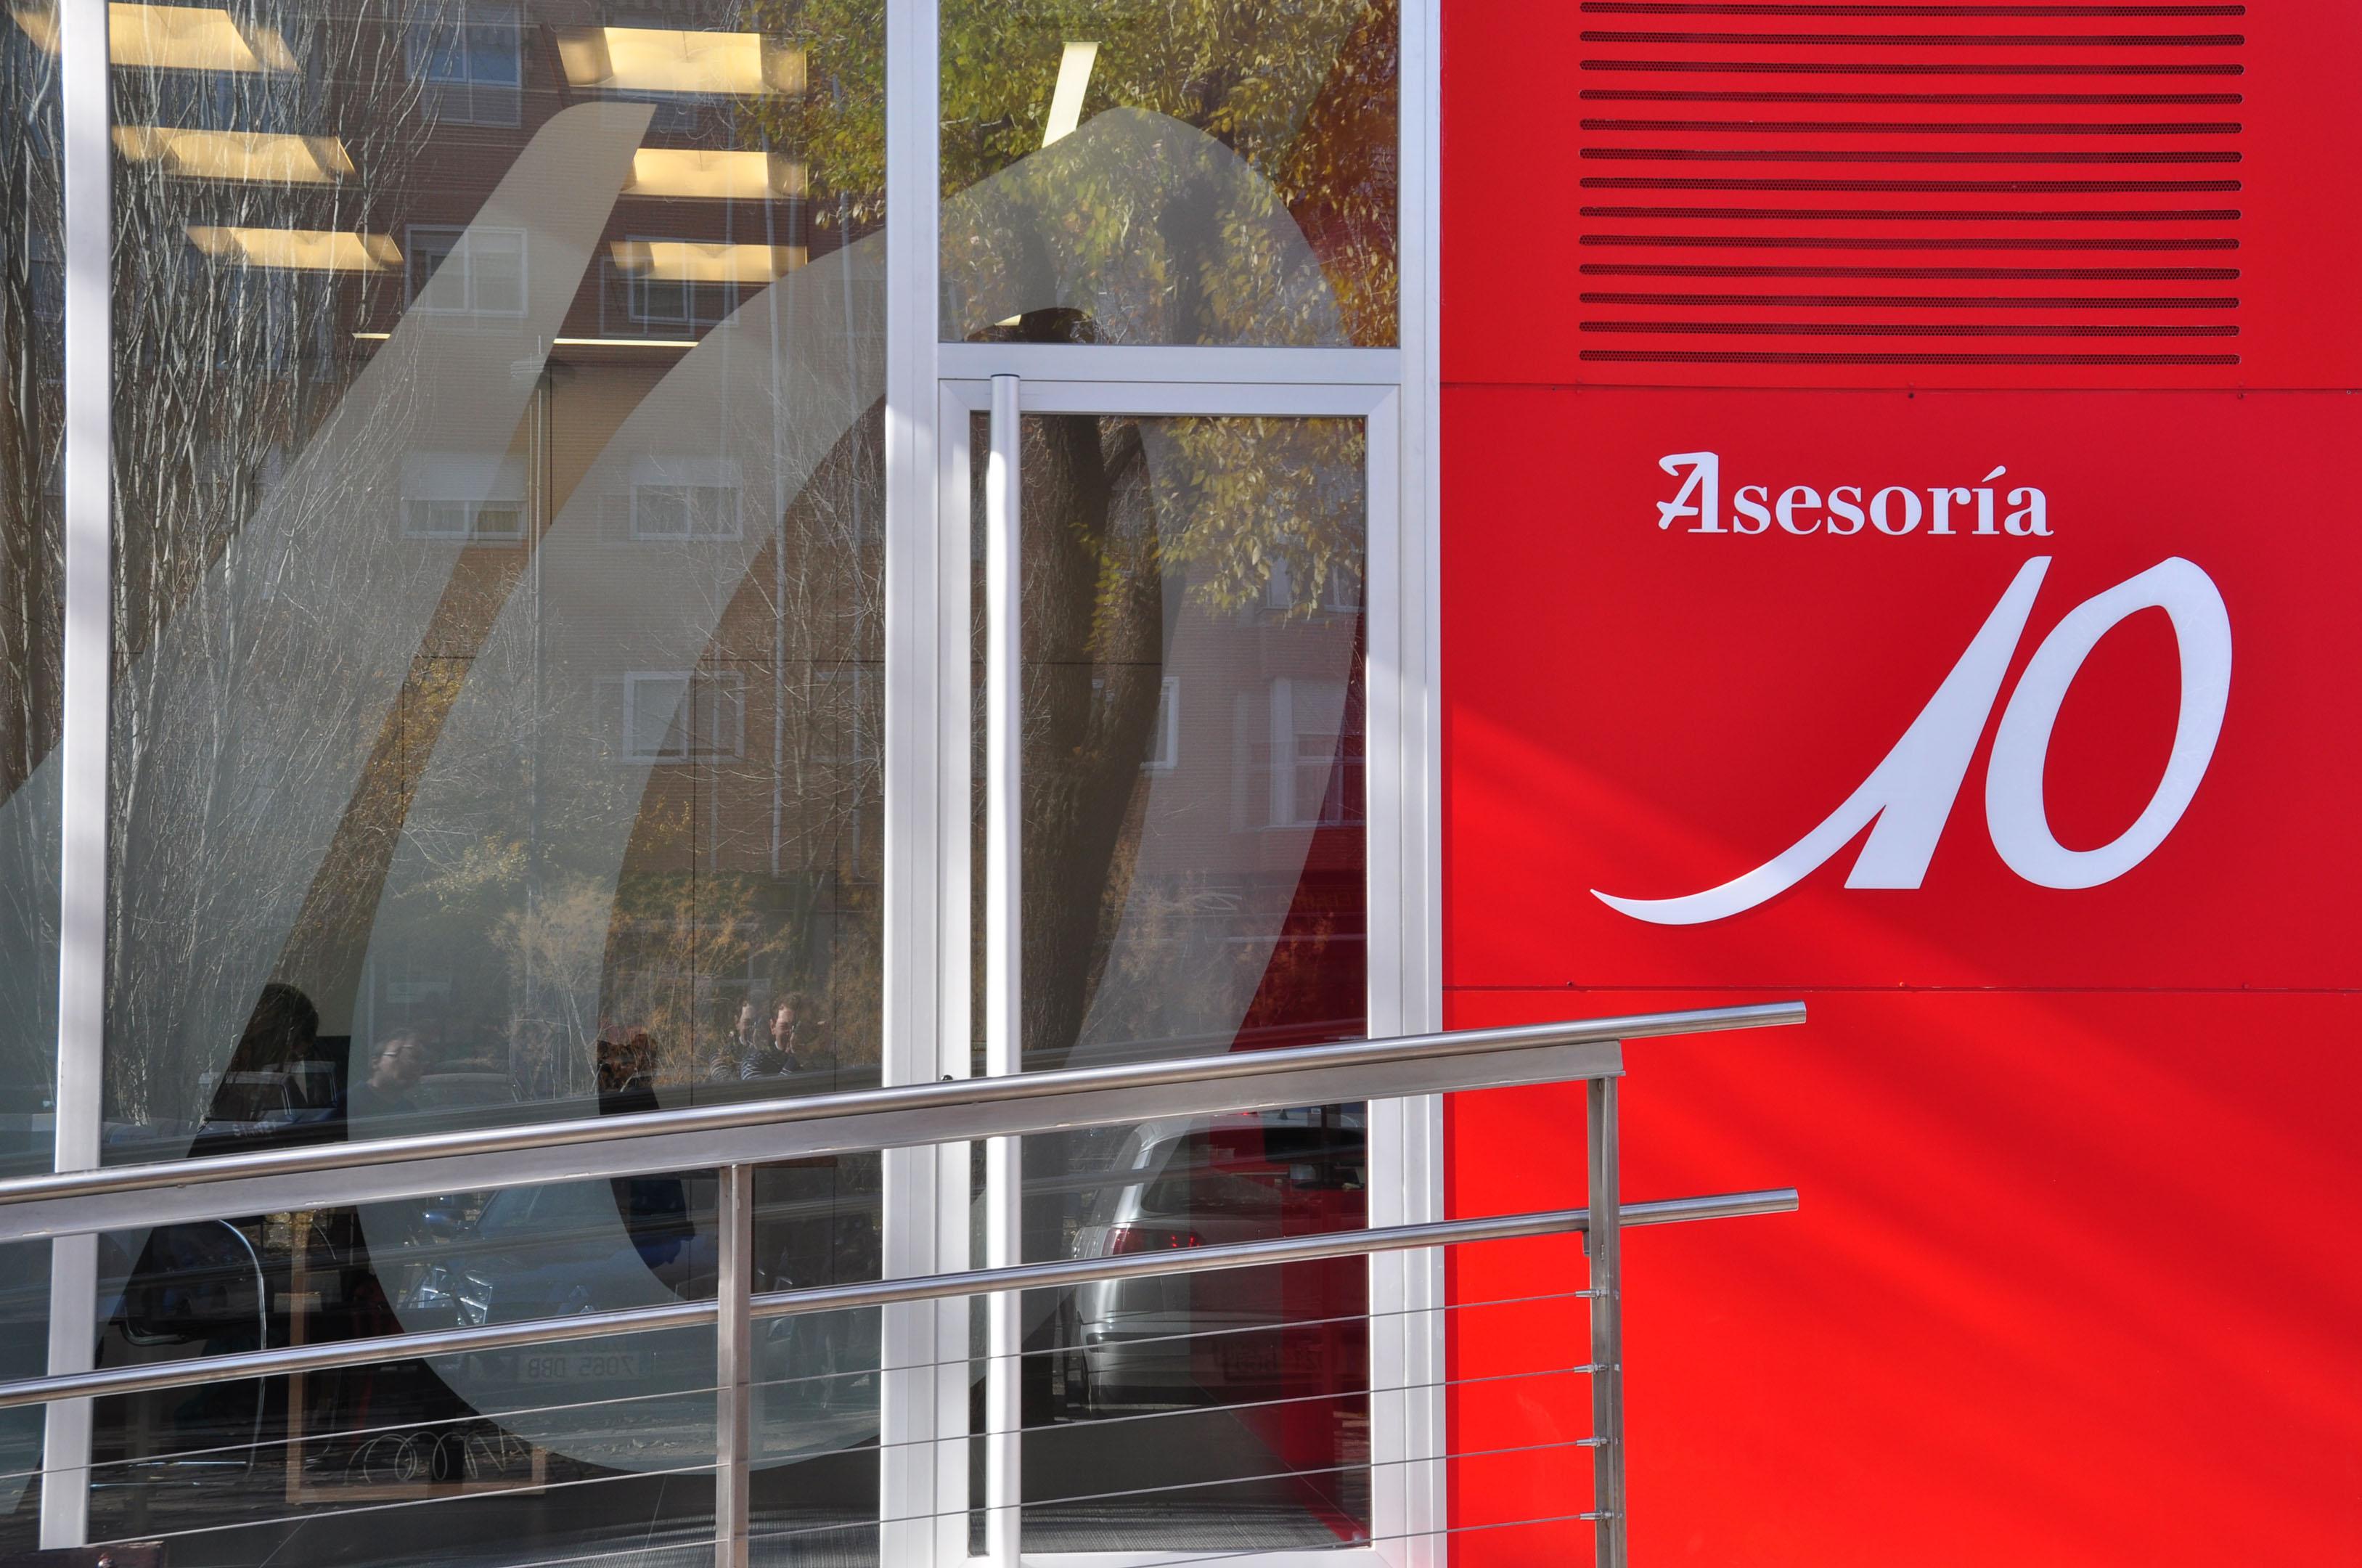 Reforma de local para asesor a 10 en alcorc n 2013 - Reformas en alcorcon ...